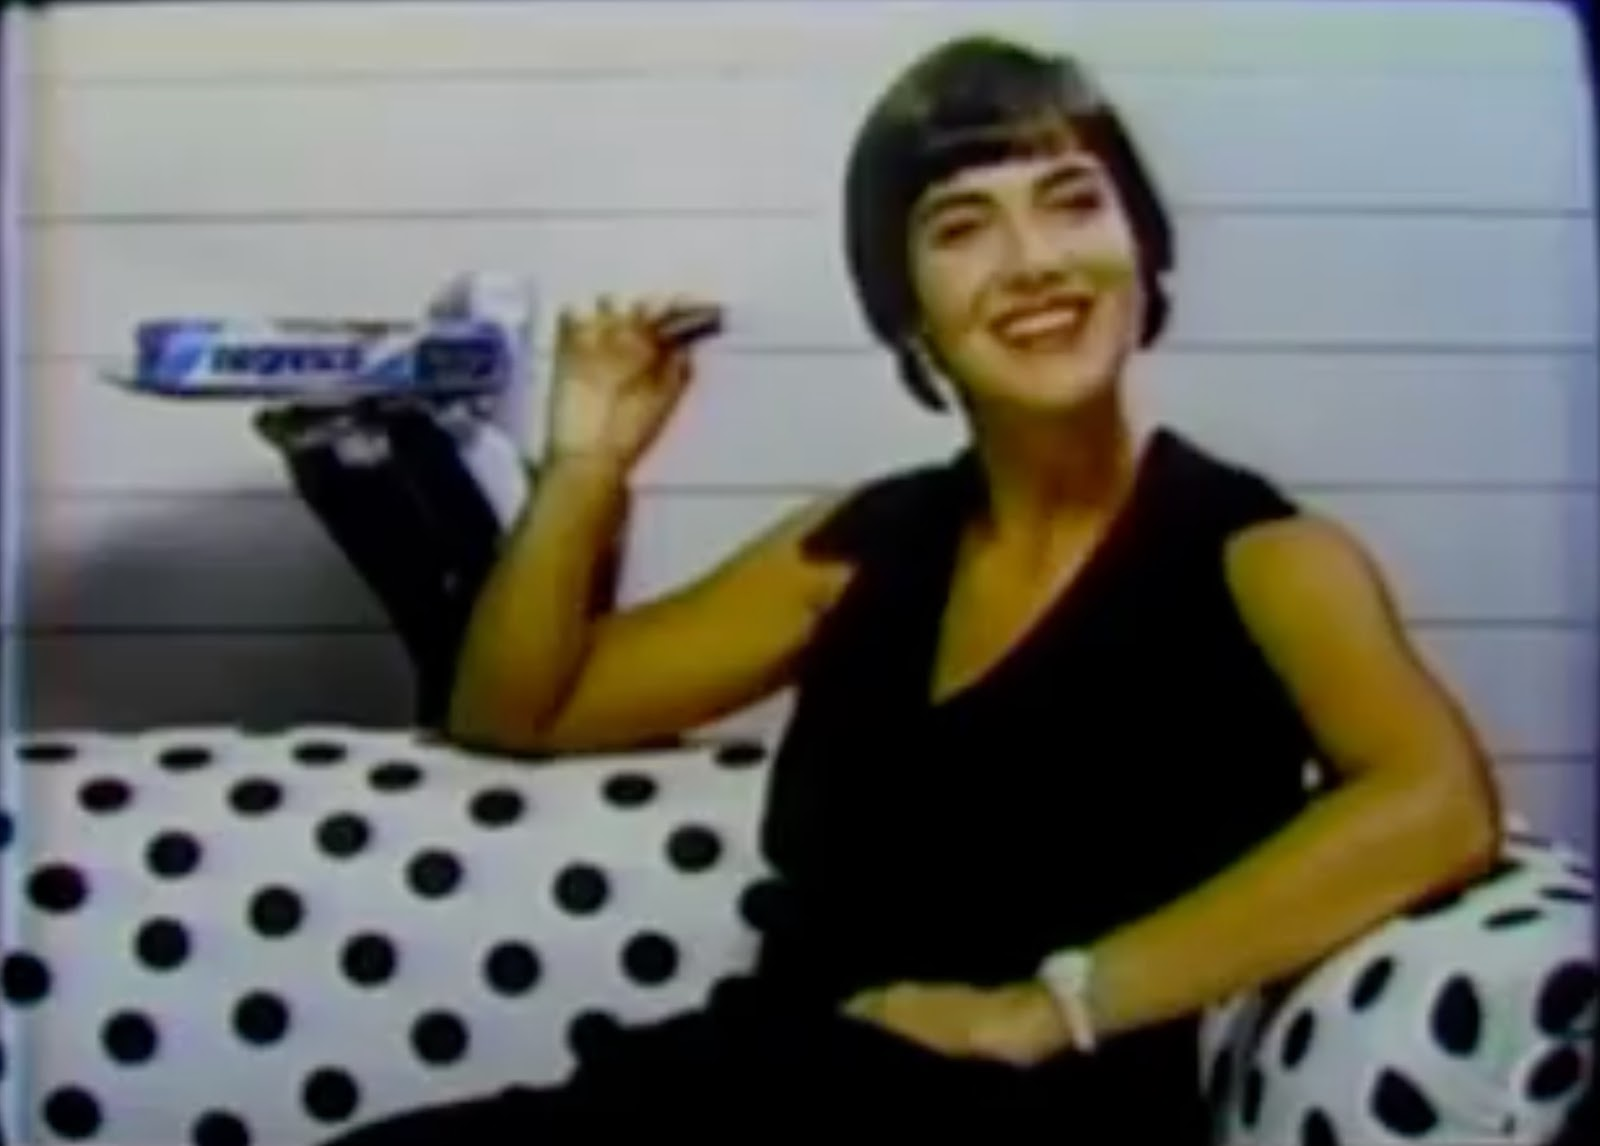 Campanha da Nestlé em 1987 promovendo o Negresco, em seu lançamento